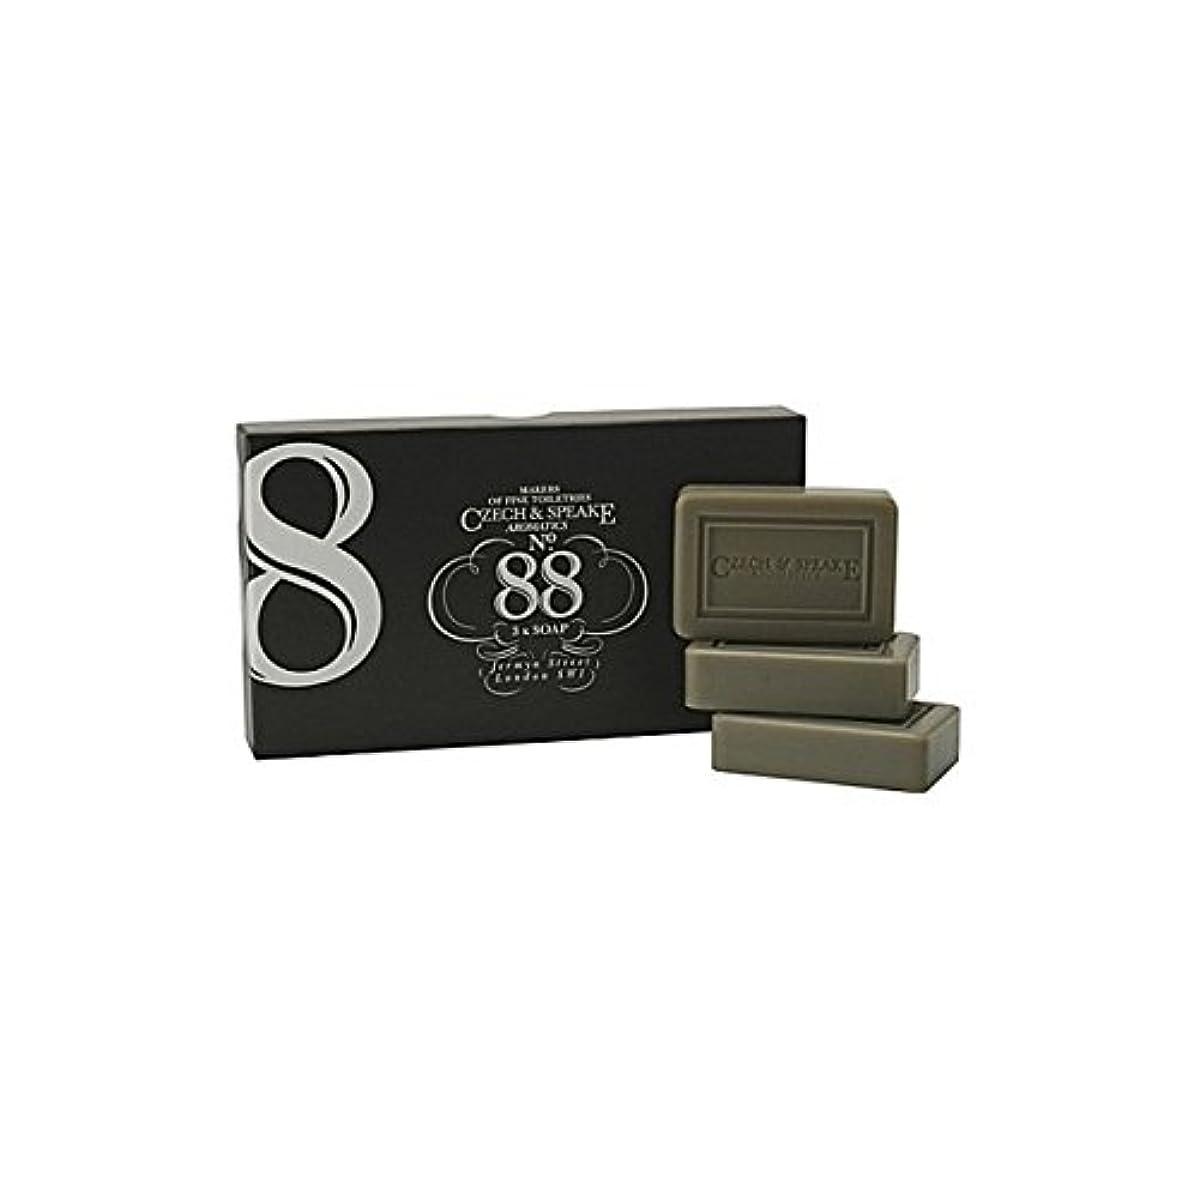 比率対称間接的チェコ&スピーク.88ソープセット x4 - Czech & Speake No.88 Soap Set (Pack of 4) [並行輸入品]